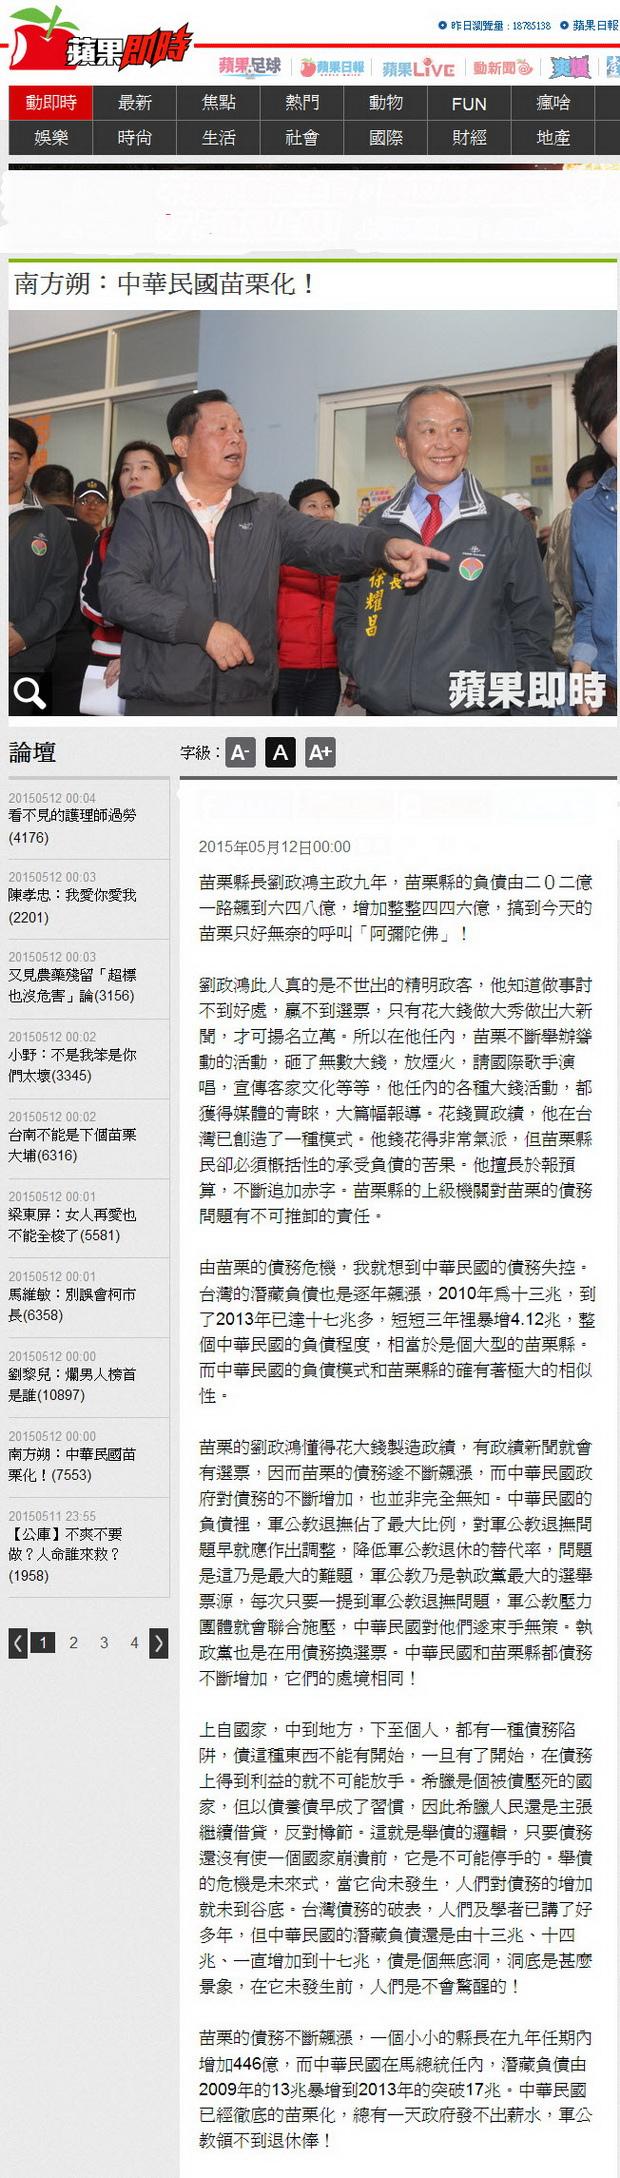 南方朔:中華民國苗栗化!-2015.05.12.jpg